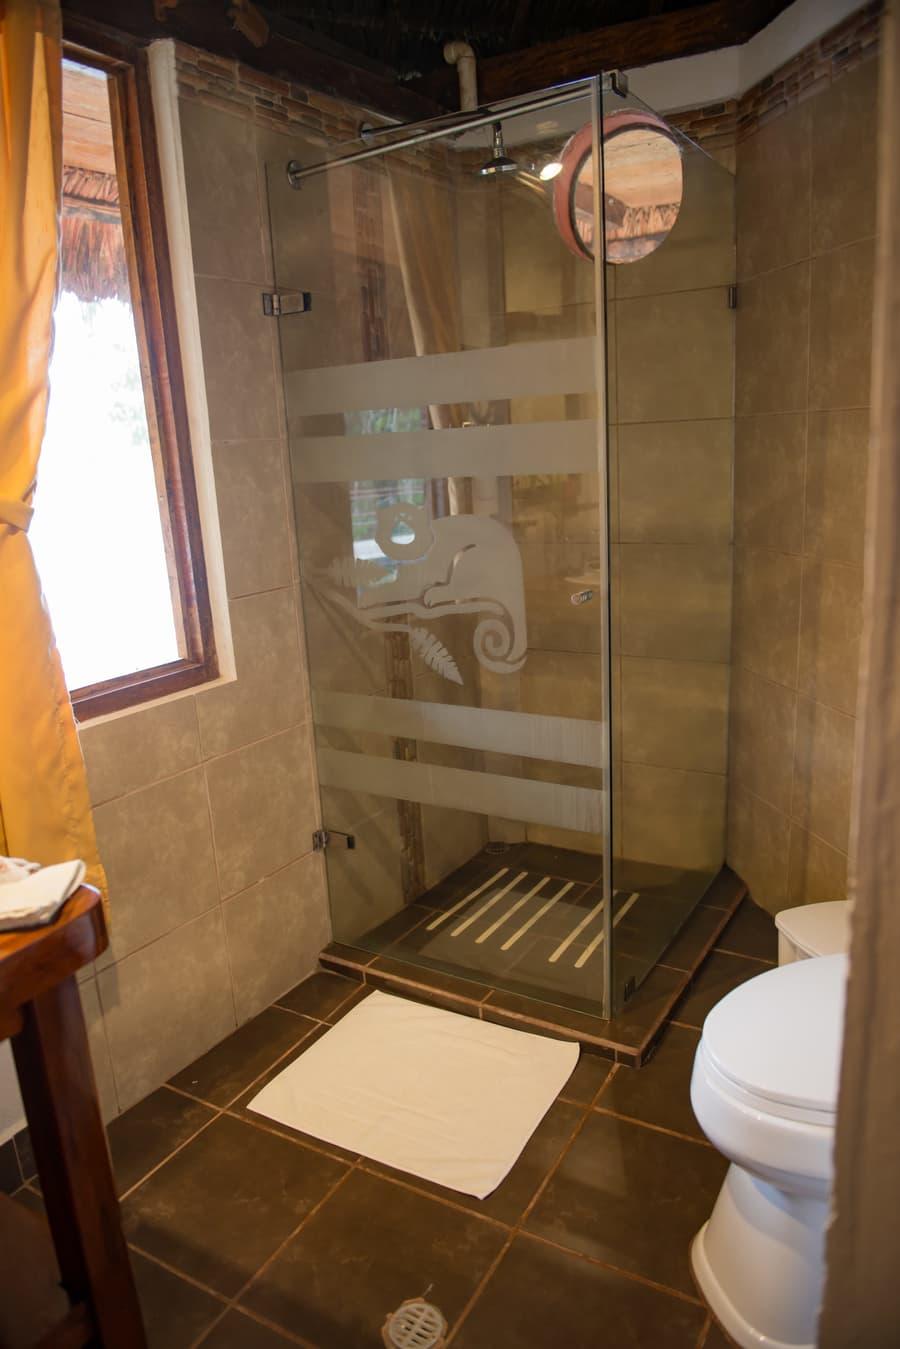 Hôtel Napo Wildlife Center Lodge situé dans le Parc National Yasuni en Amazonie primaire, Équateur, salle de bain